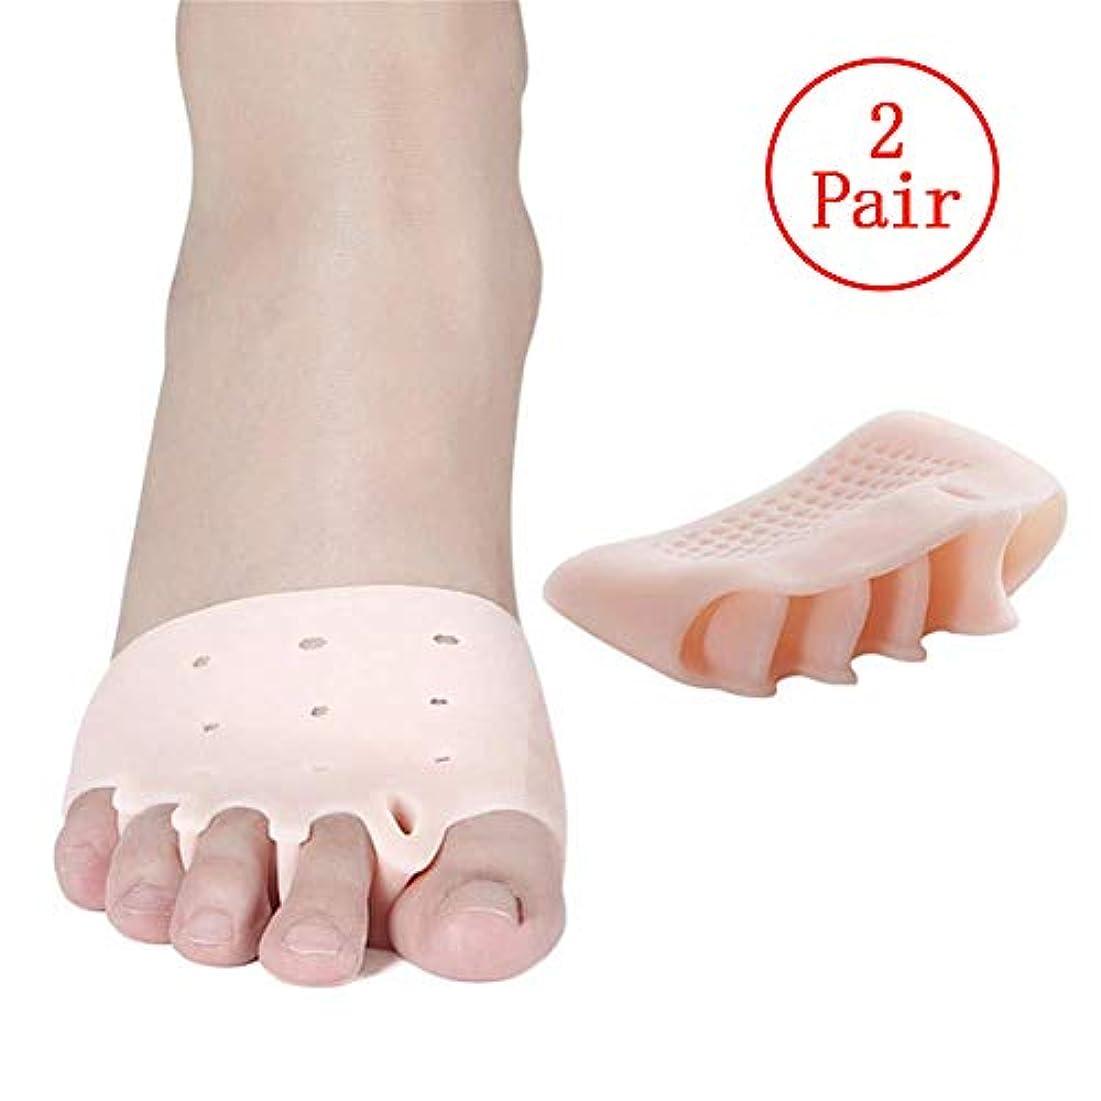 鎮痛剤バルブ刃つま先をリラックスし、親指が嚢胞を柔らかくするのを防ぐためのつま先セパレーター、つま先セパレーター、つま先ストレッチャー